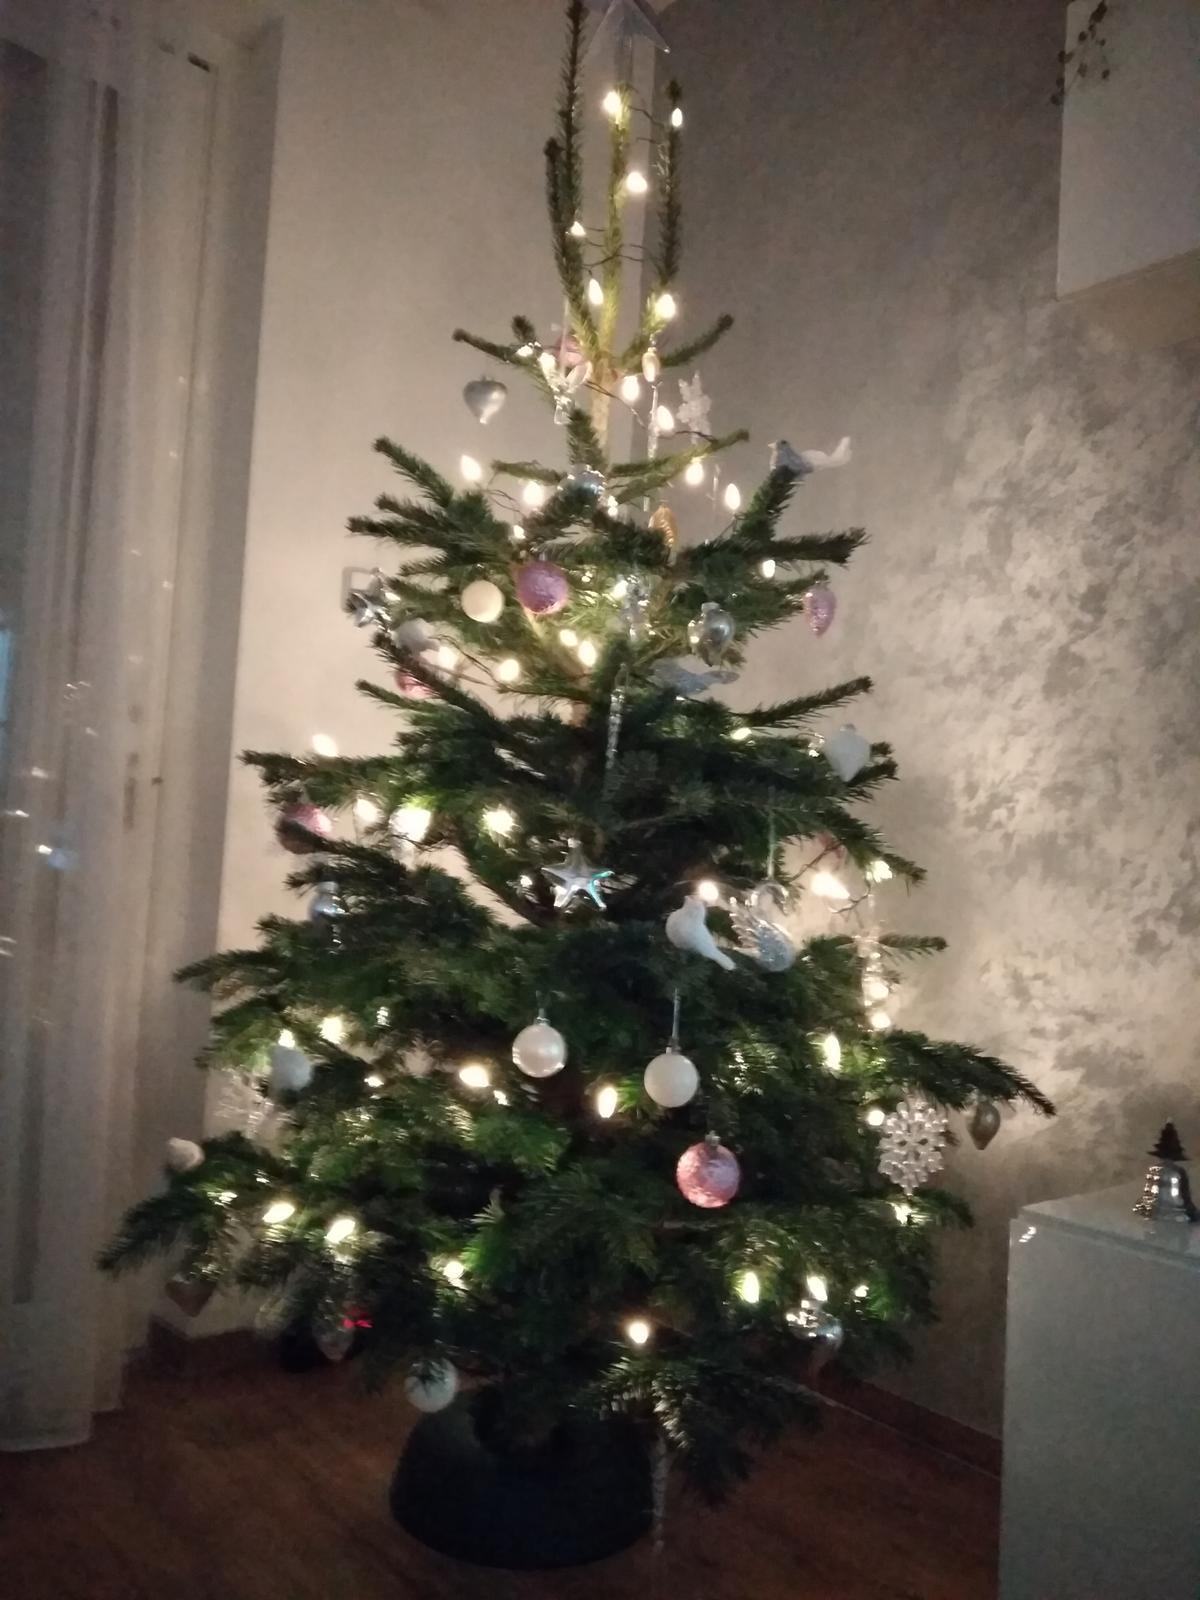 Veselé Vánoce 🎄 - Obrázek č. 1